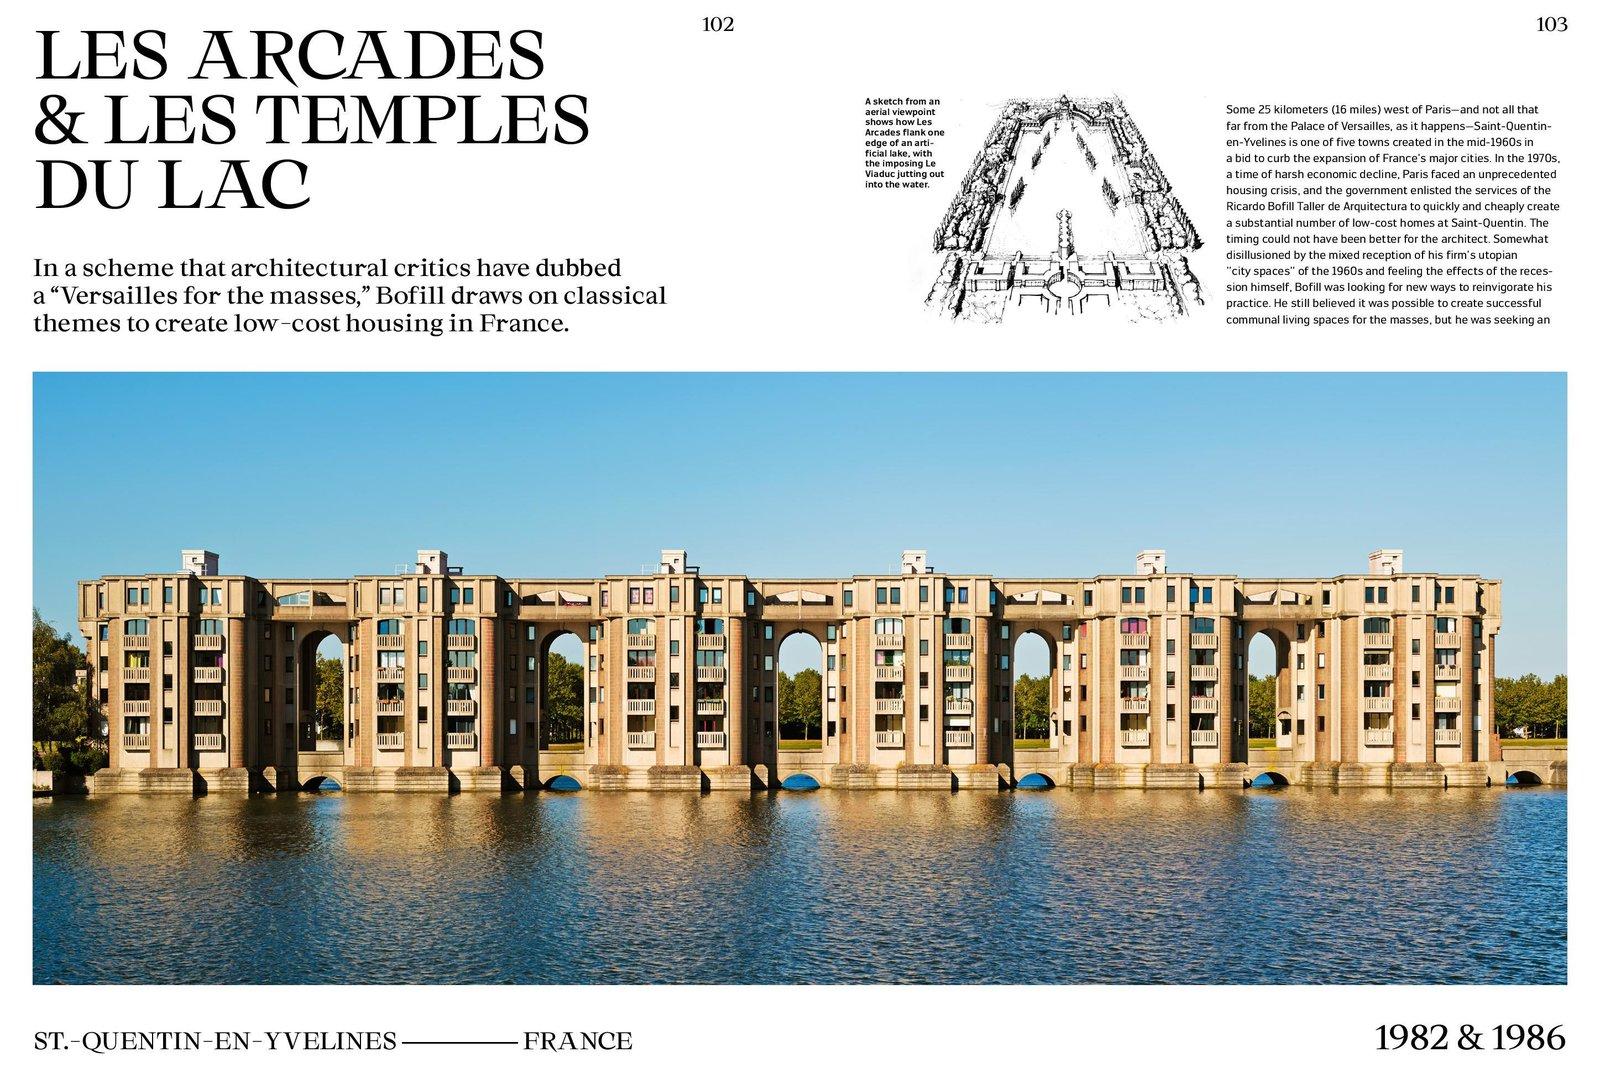 Les Arcades & Les Temples du Lac (1982 & 1986) by Ricardo Bofill